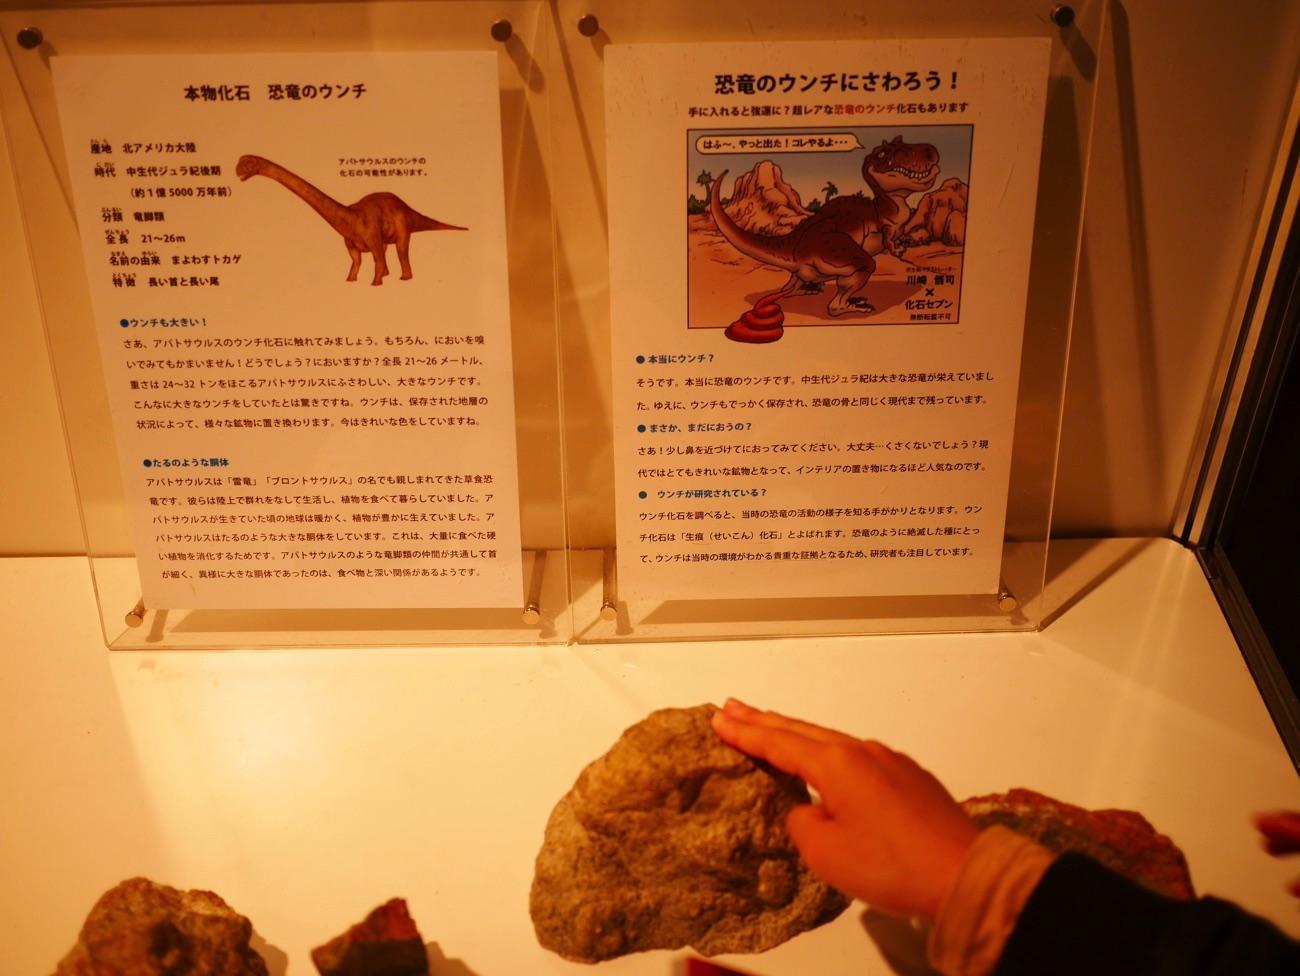 恐竜のうんちにタッチ!?